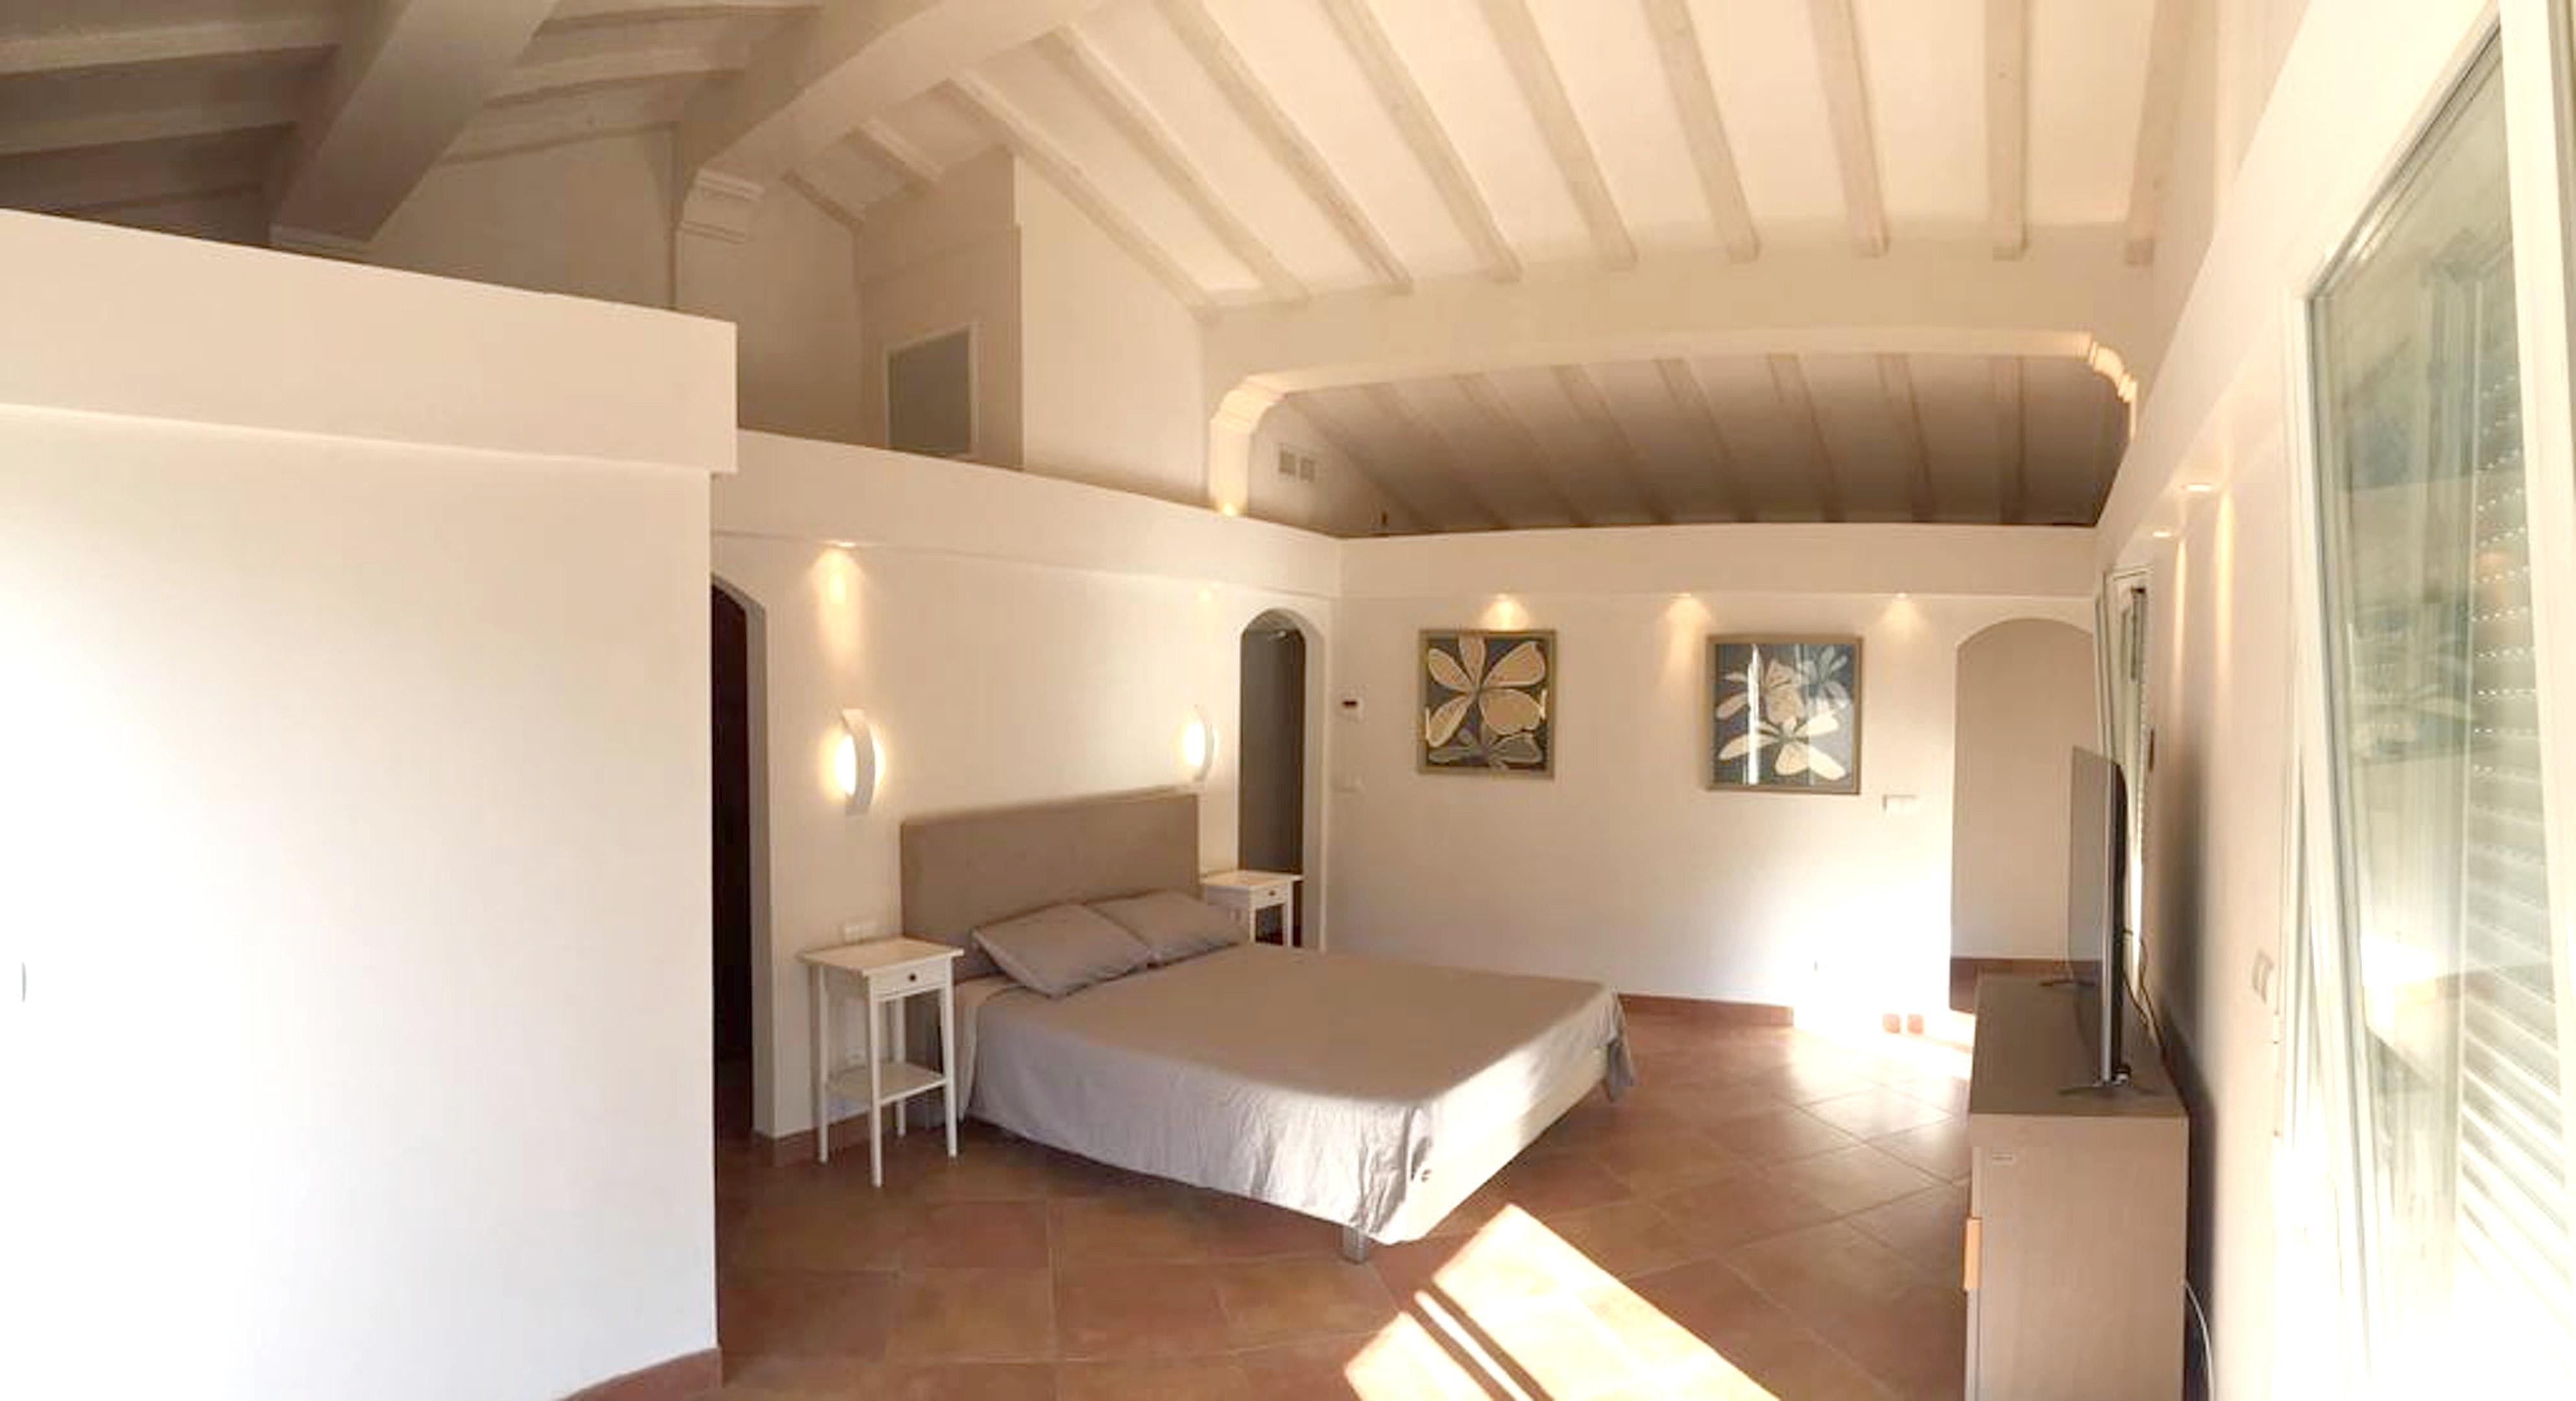 Maison de vacances Villa mit 5 Schlafzimmern in Rayol-Canadel-sur-Mer mit toller Aussicht auf die Berge, priv (2201555), Le Lavandou, Côte d'Azur, Provence - Alpes - Côte d'Azur, France, image 23